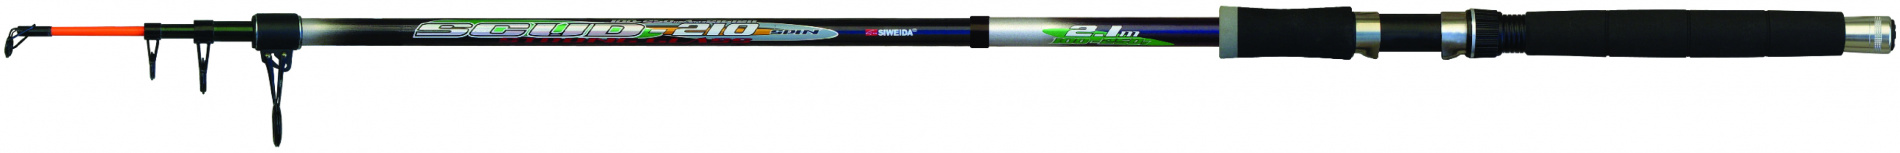 Спиннинг тел. SWD Scud 1,8м (100-250г) (скл. кольцо,чехол)Спинниги<br>Мощный телескопический спиннинг 1,8м тест <br>100-250г изготовленный из стеклопластика. <br>Мощный бланк позволяет далеко забрасывать <br>тяжелые приманки и кормушки. Может использоваться <br>как донная удочка. Наличие последнего складного <br>кольца снижает вероятность повреждения <br>спиннинга при транспортировке. Комплектуется <br>чехлом.<br>